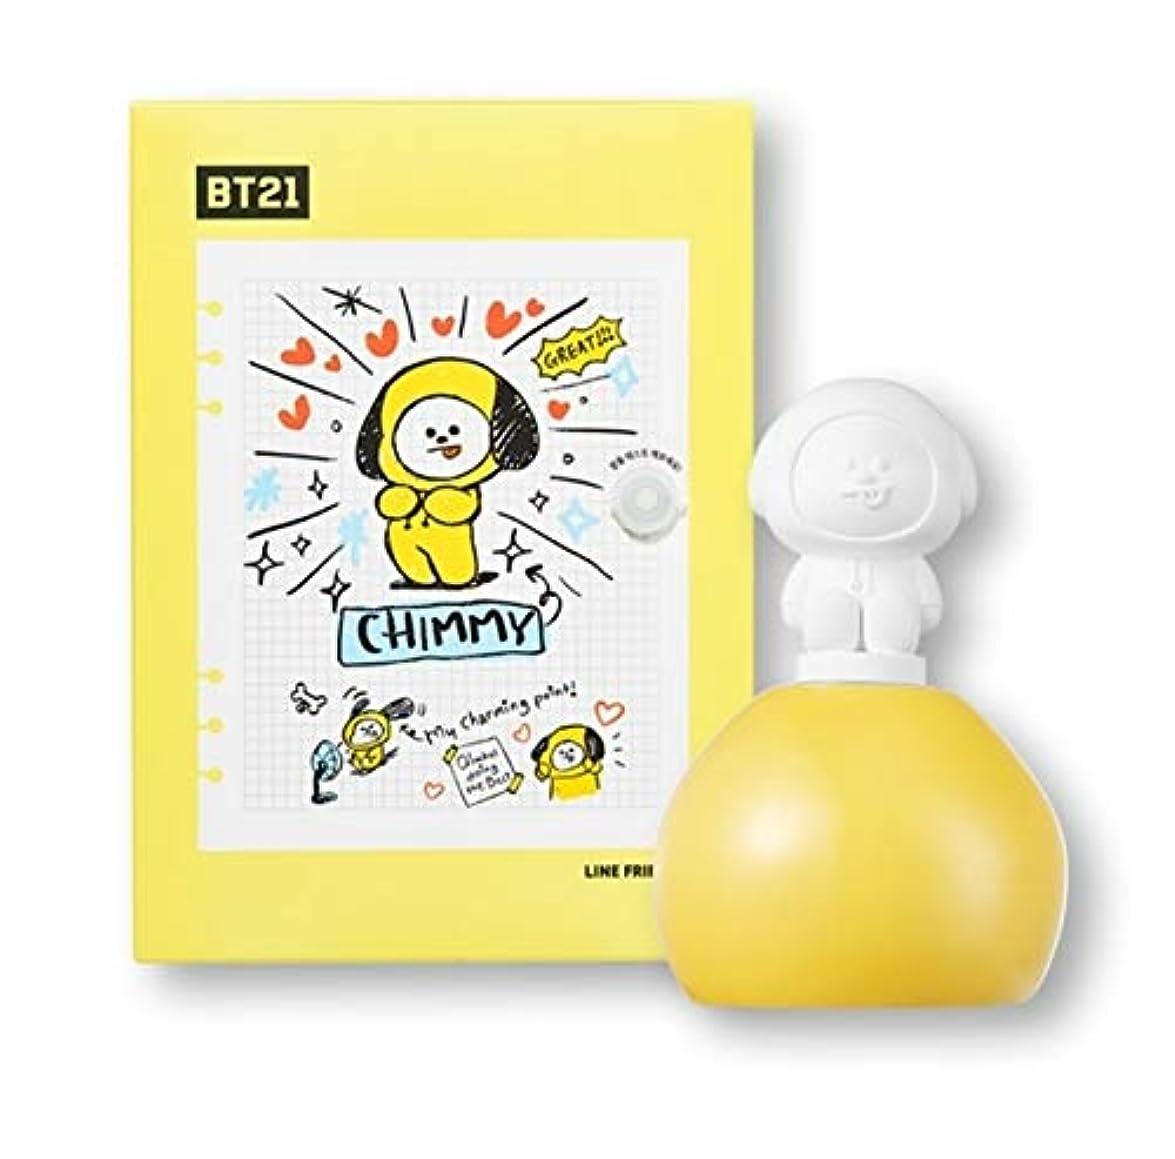 ビーム種ひいきにする最終 BT21 CHIMMY アロマディフューザー 柚子レモンの香り 芳香剤 防弾少年団 BTS チミー オリーブヤング